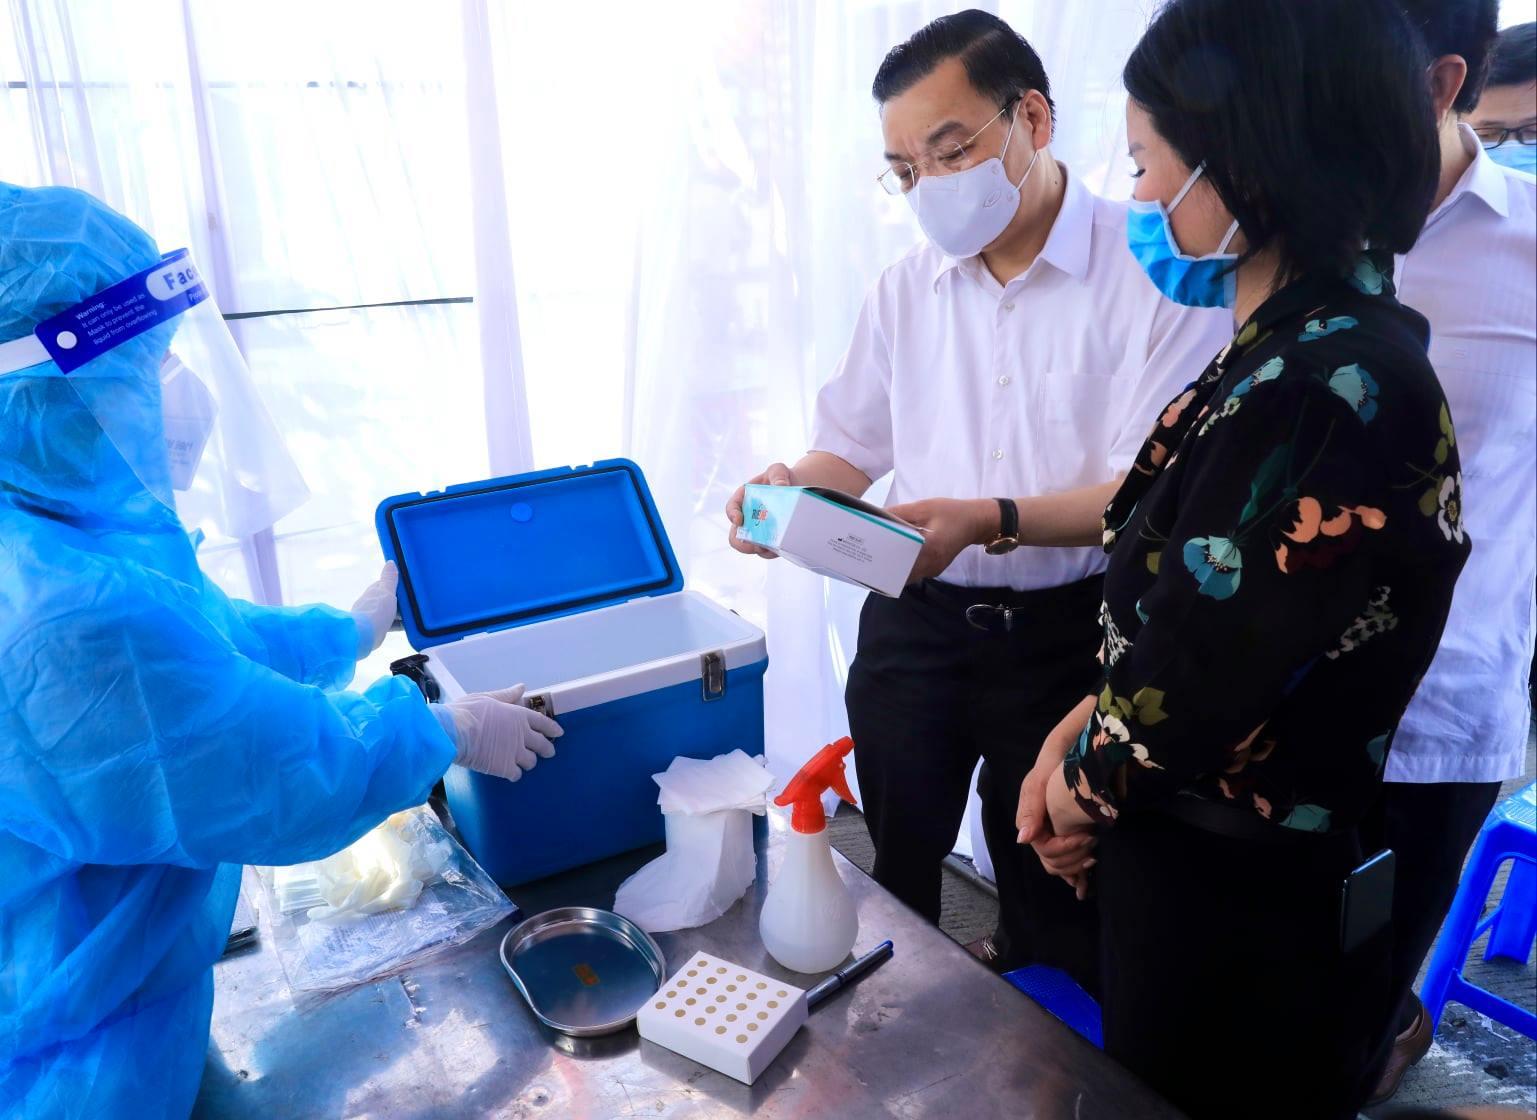 Y tế Diễn biến dịch ngày 21/7: 3556 ca mắc mới tại TP. Hồ Chí Minh trong 24 giờ  - Ảnh 7.